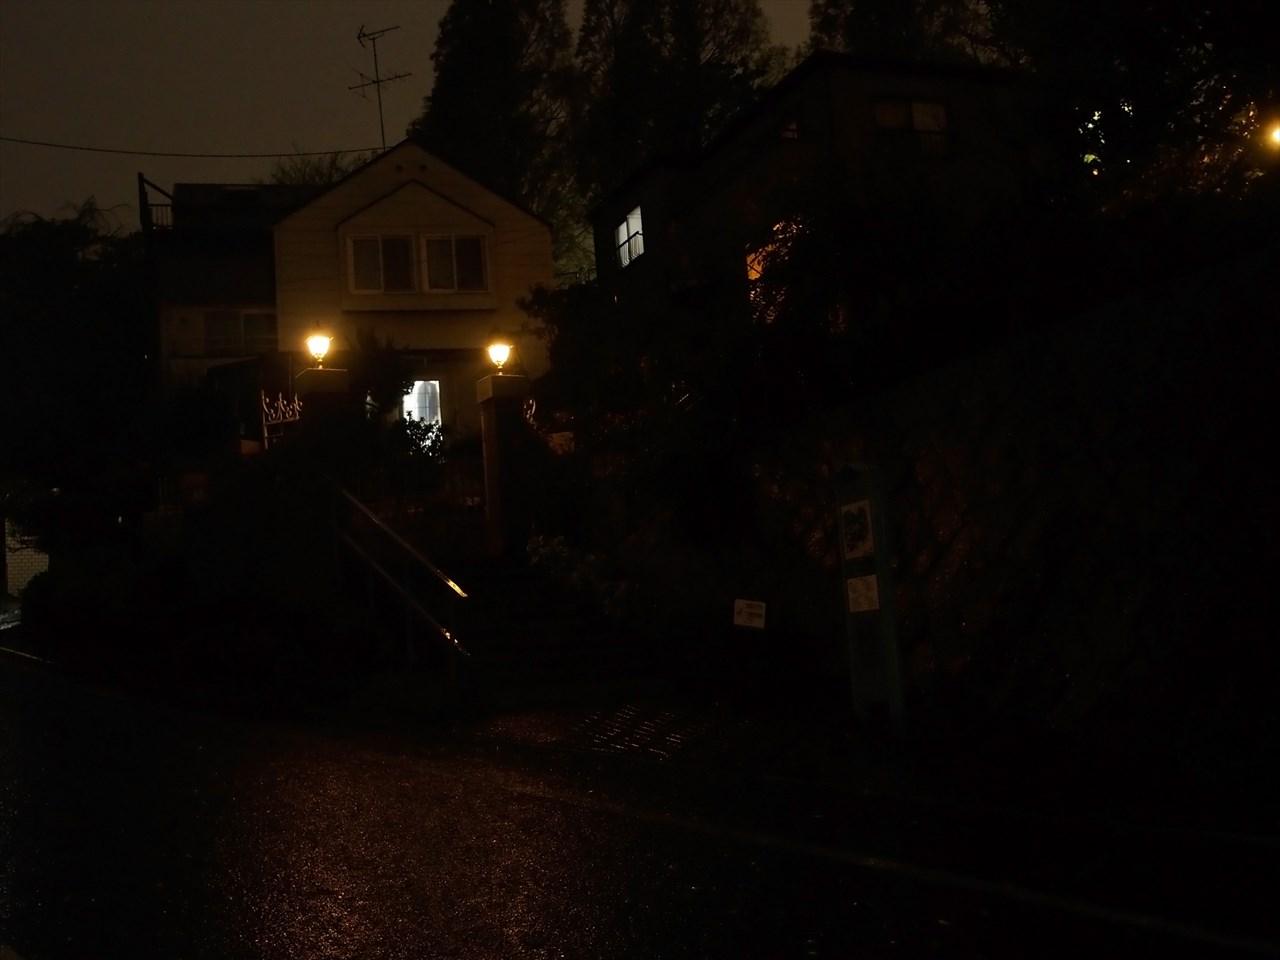 夜のブラフ18番館の入り口